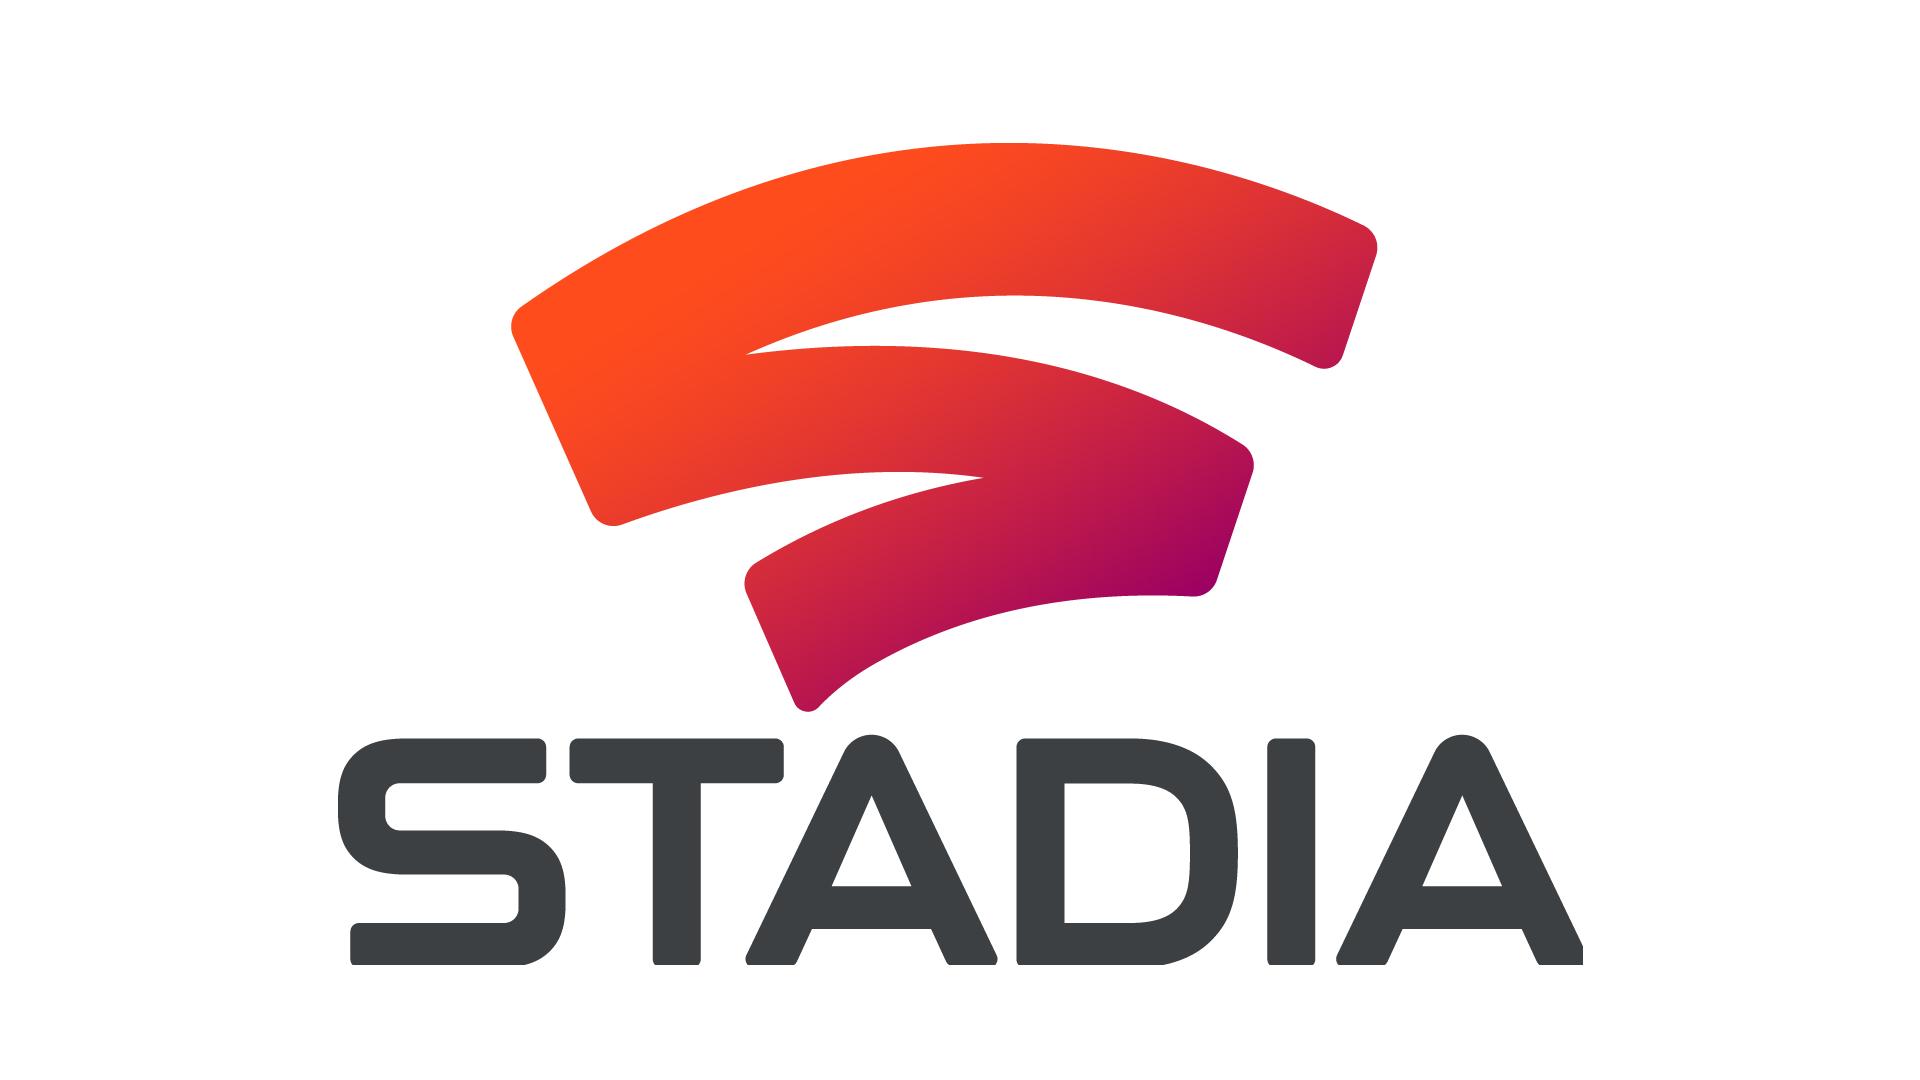 Google-Stadia-Header-02.jpg